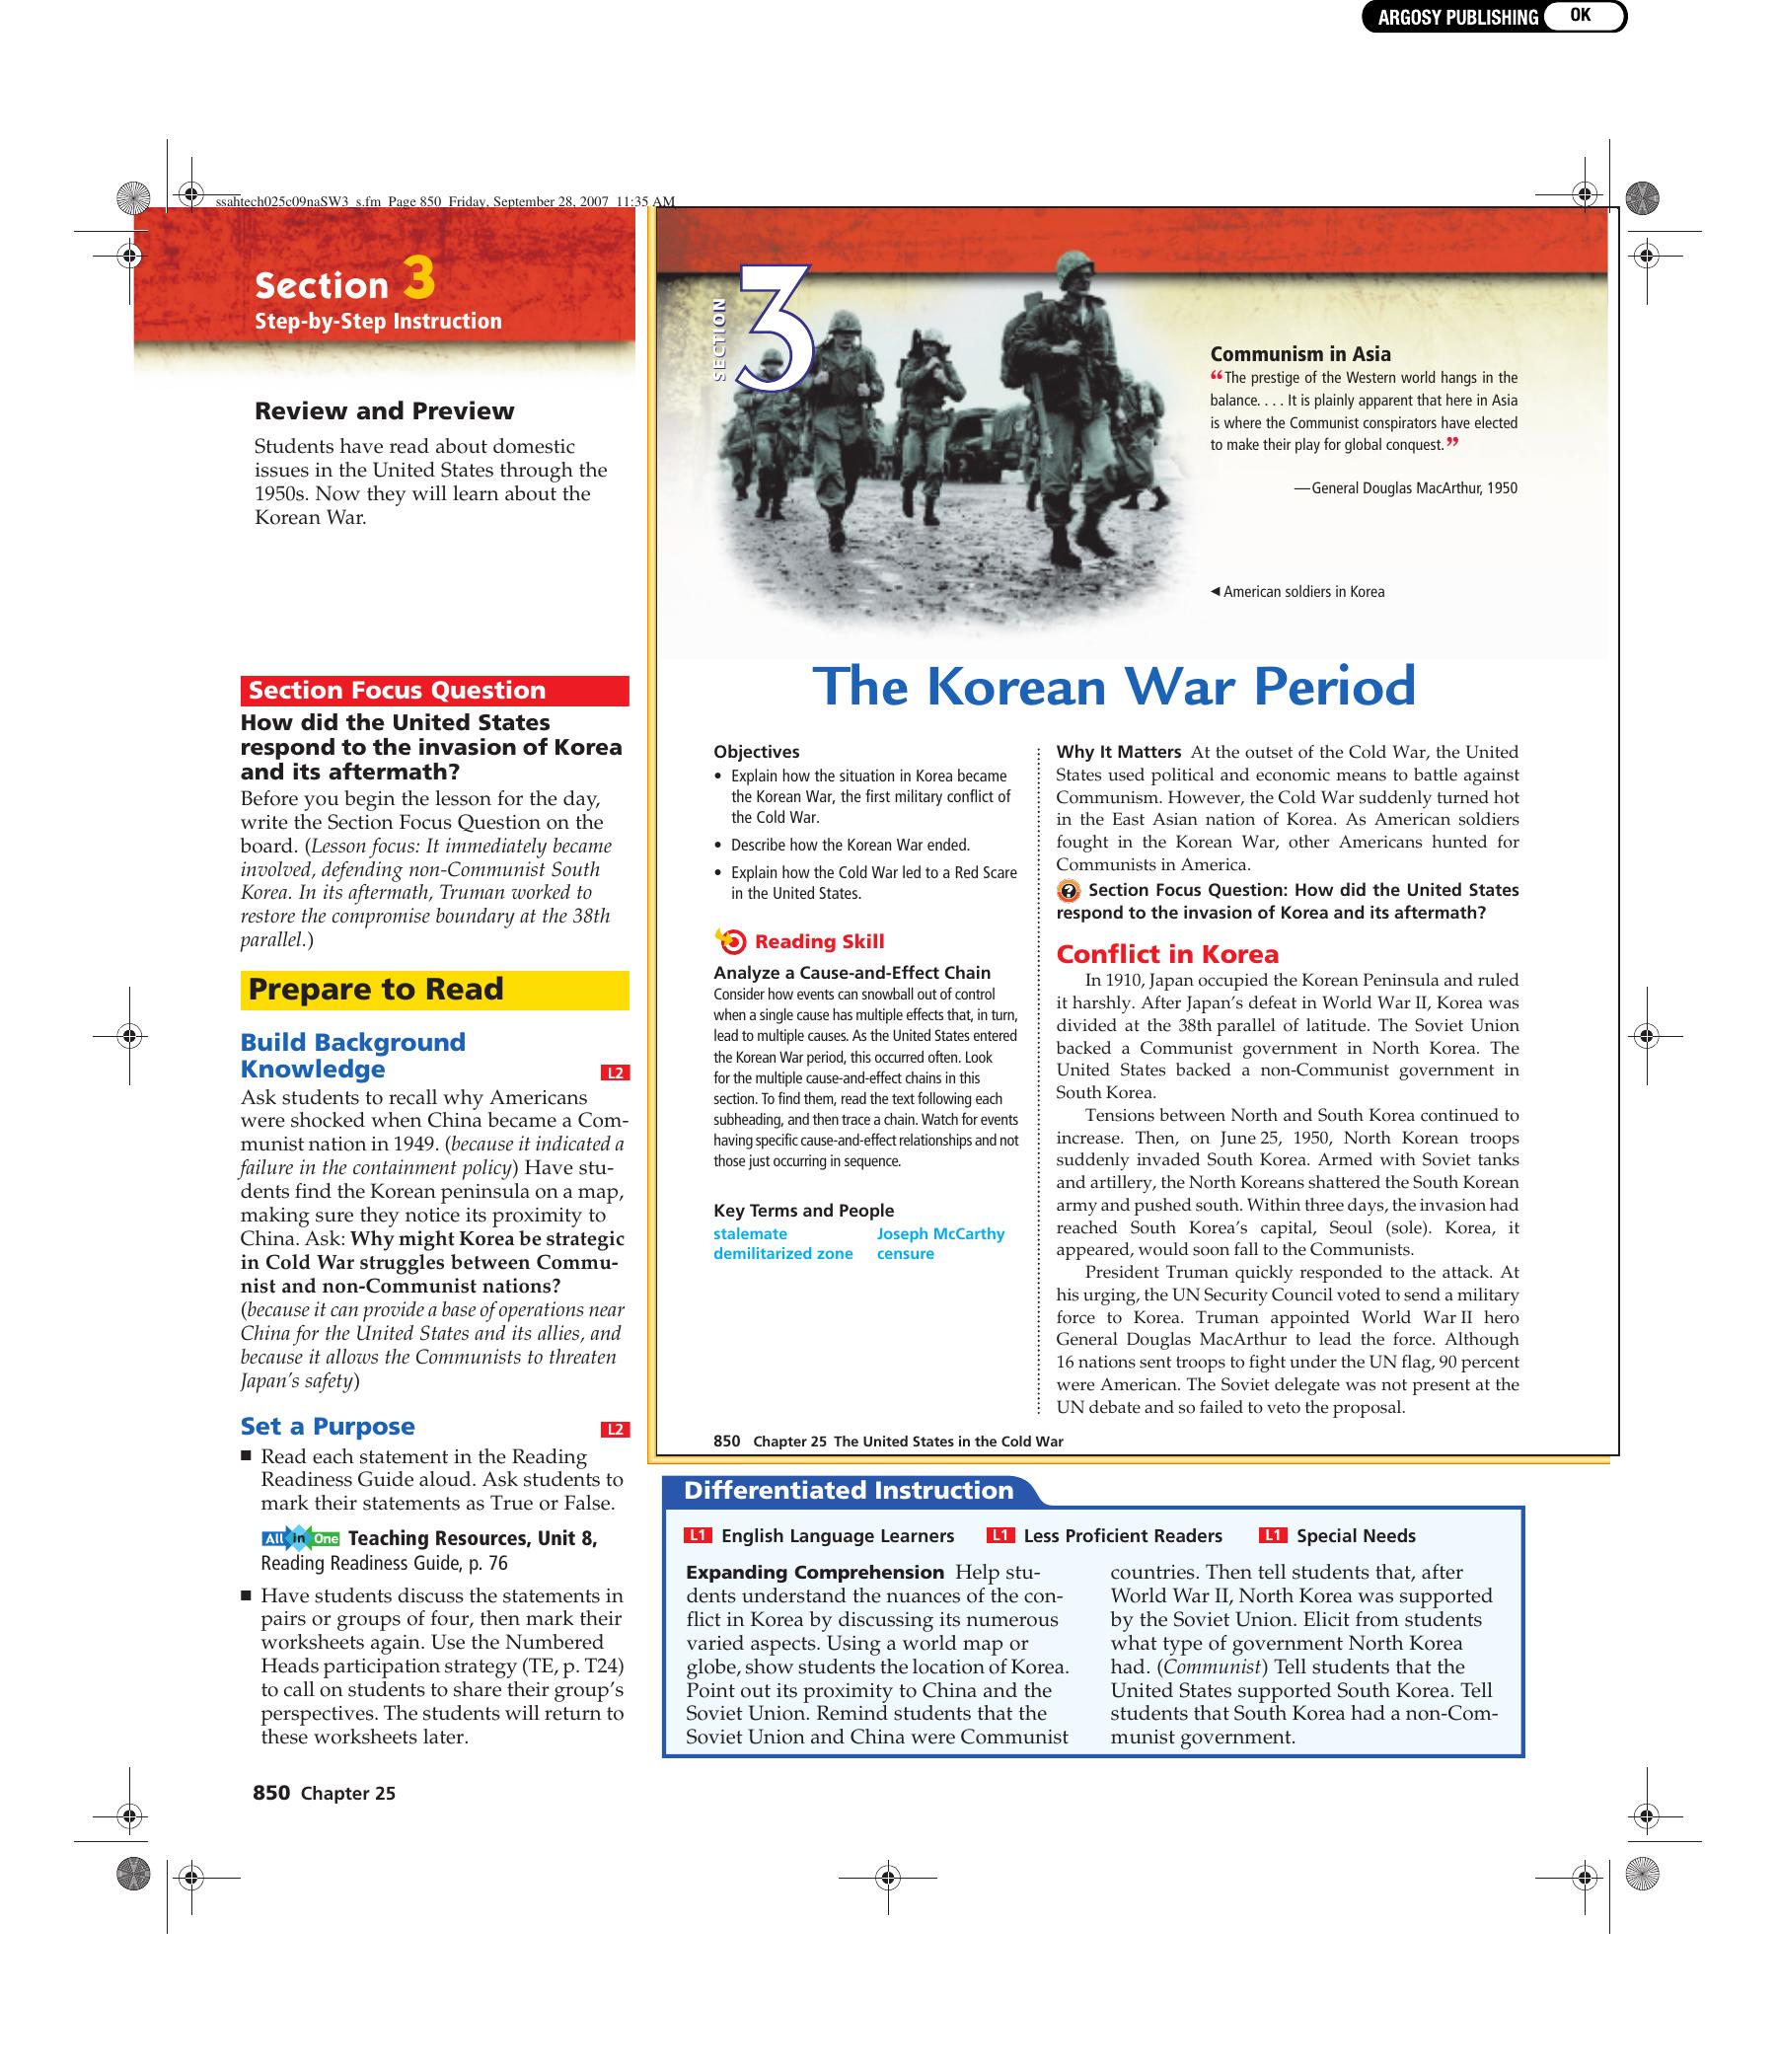 Ch  25 Sec  3 The Korean War Period Textbook